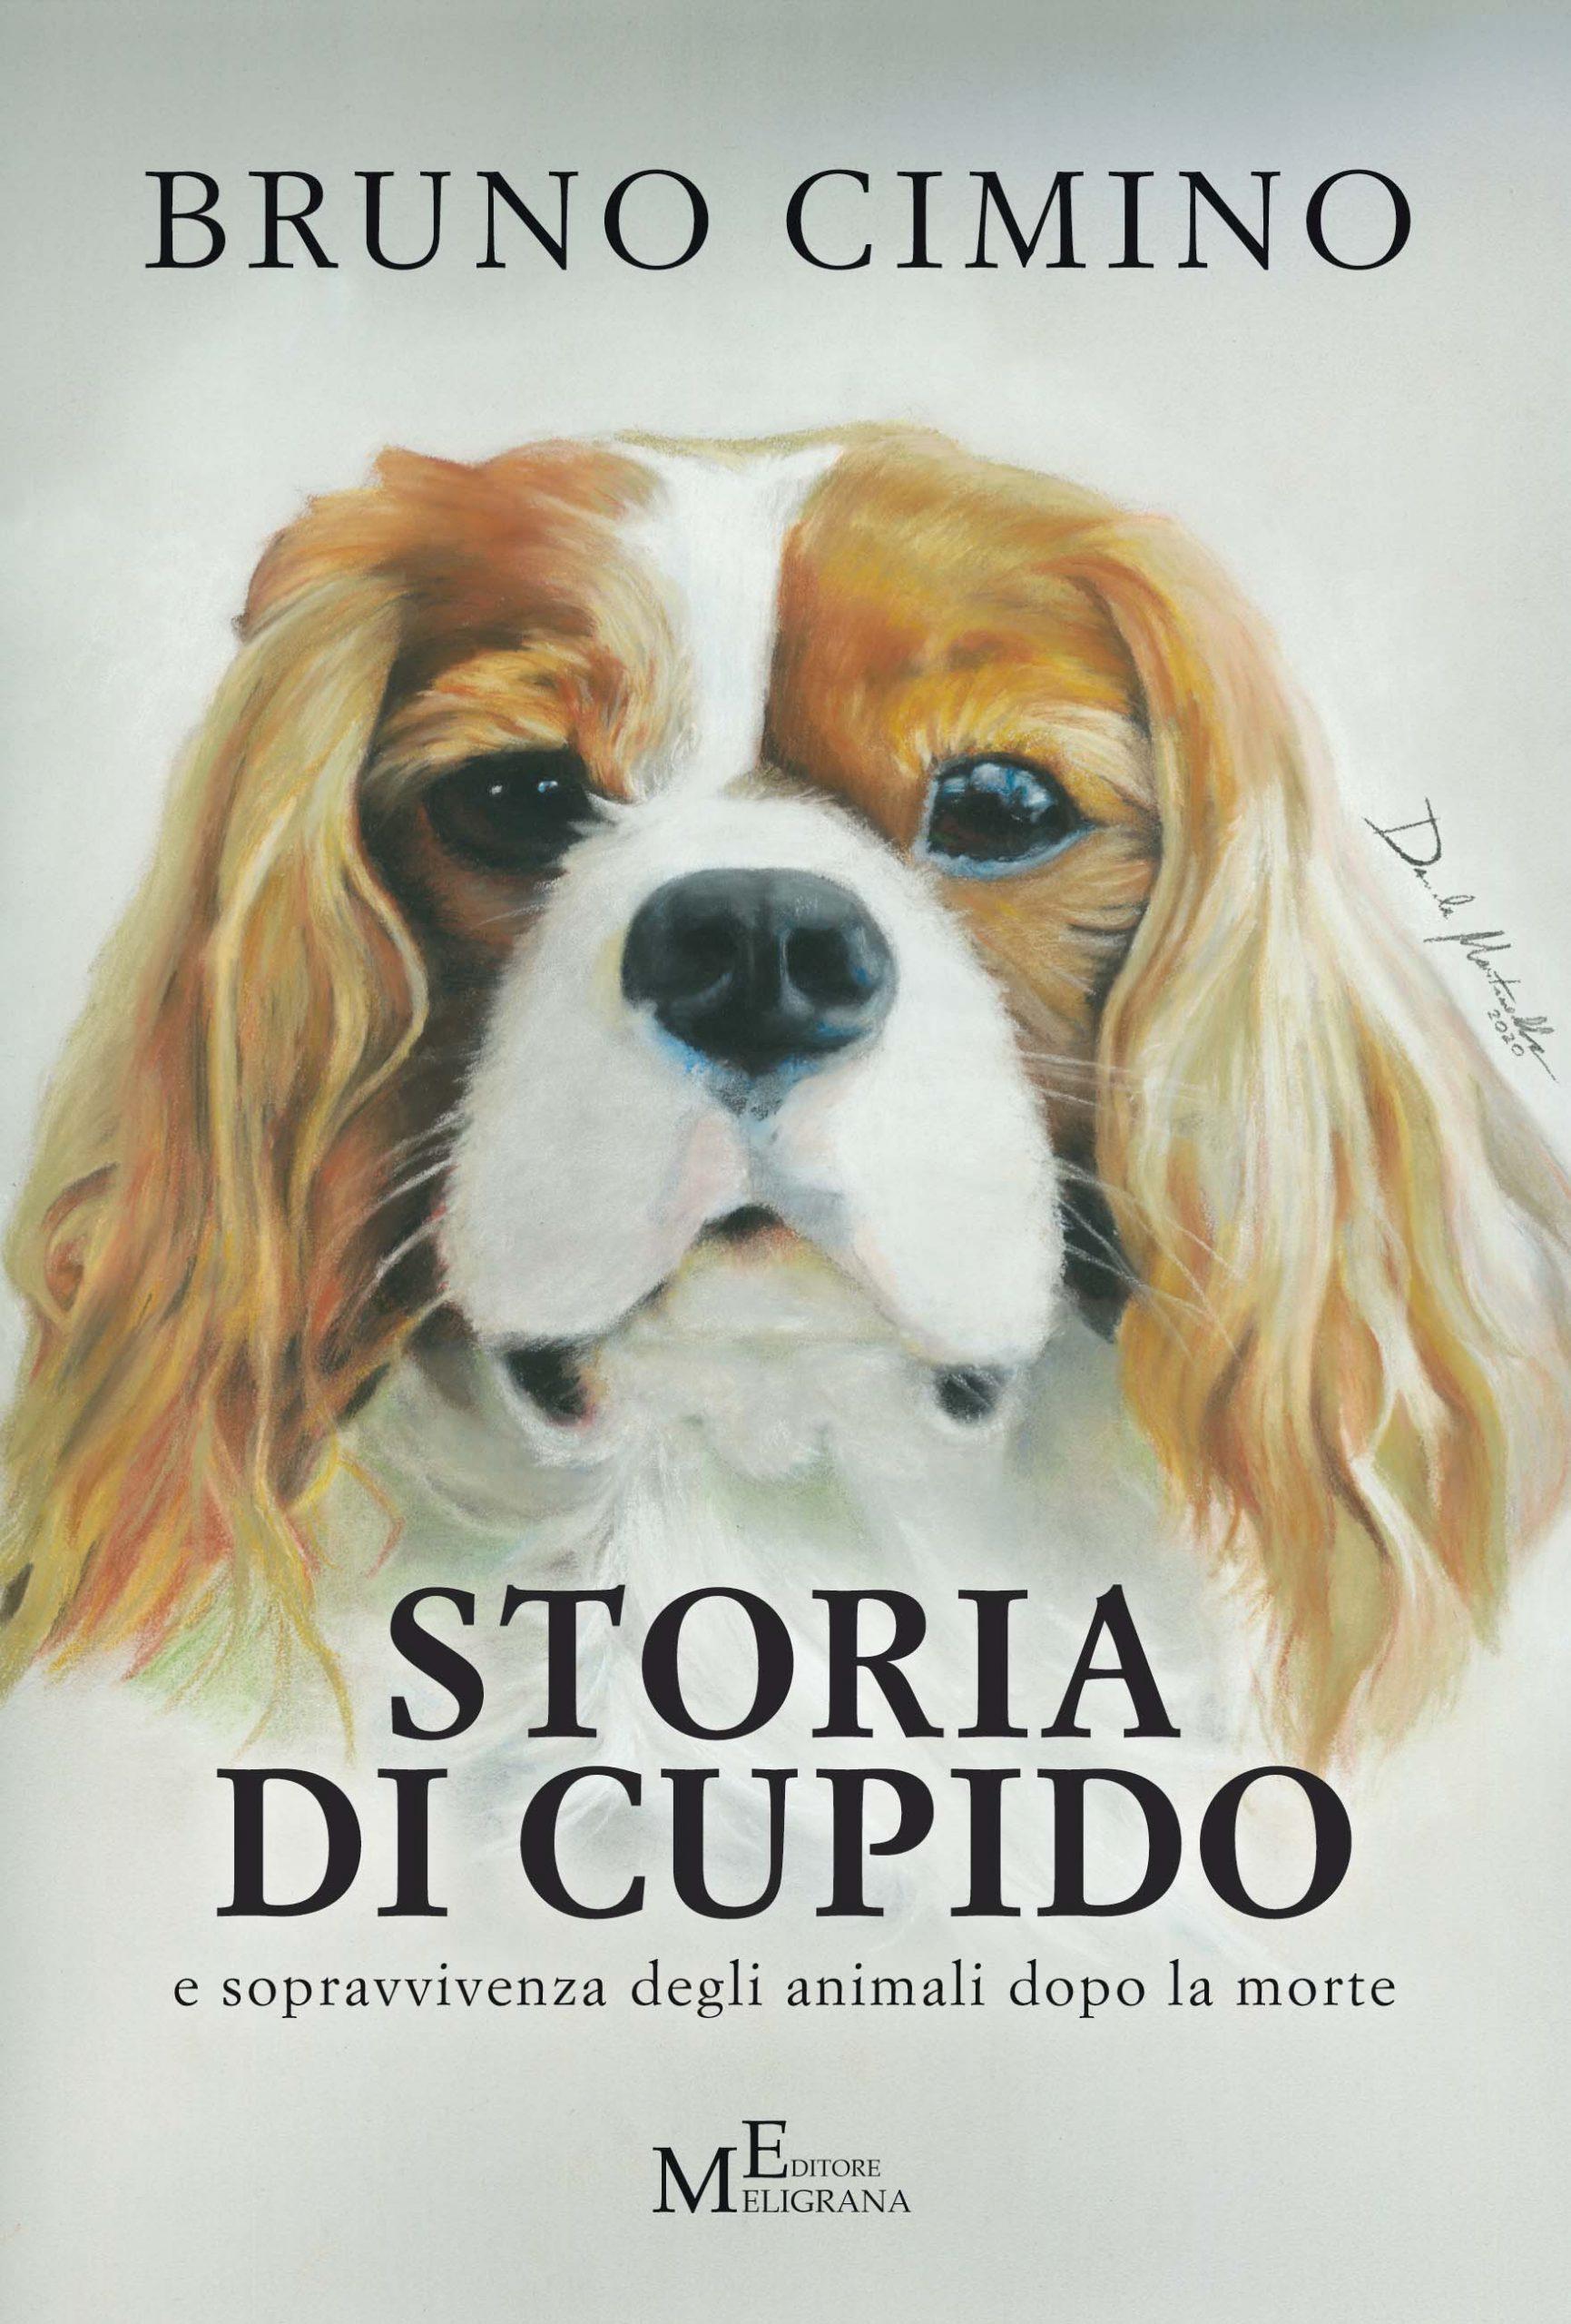 L'ultima opera dello scrittore tropeano Bruno Cimino. Un libro scritto per chi ama gli animali